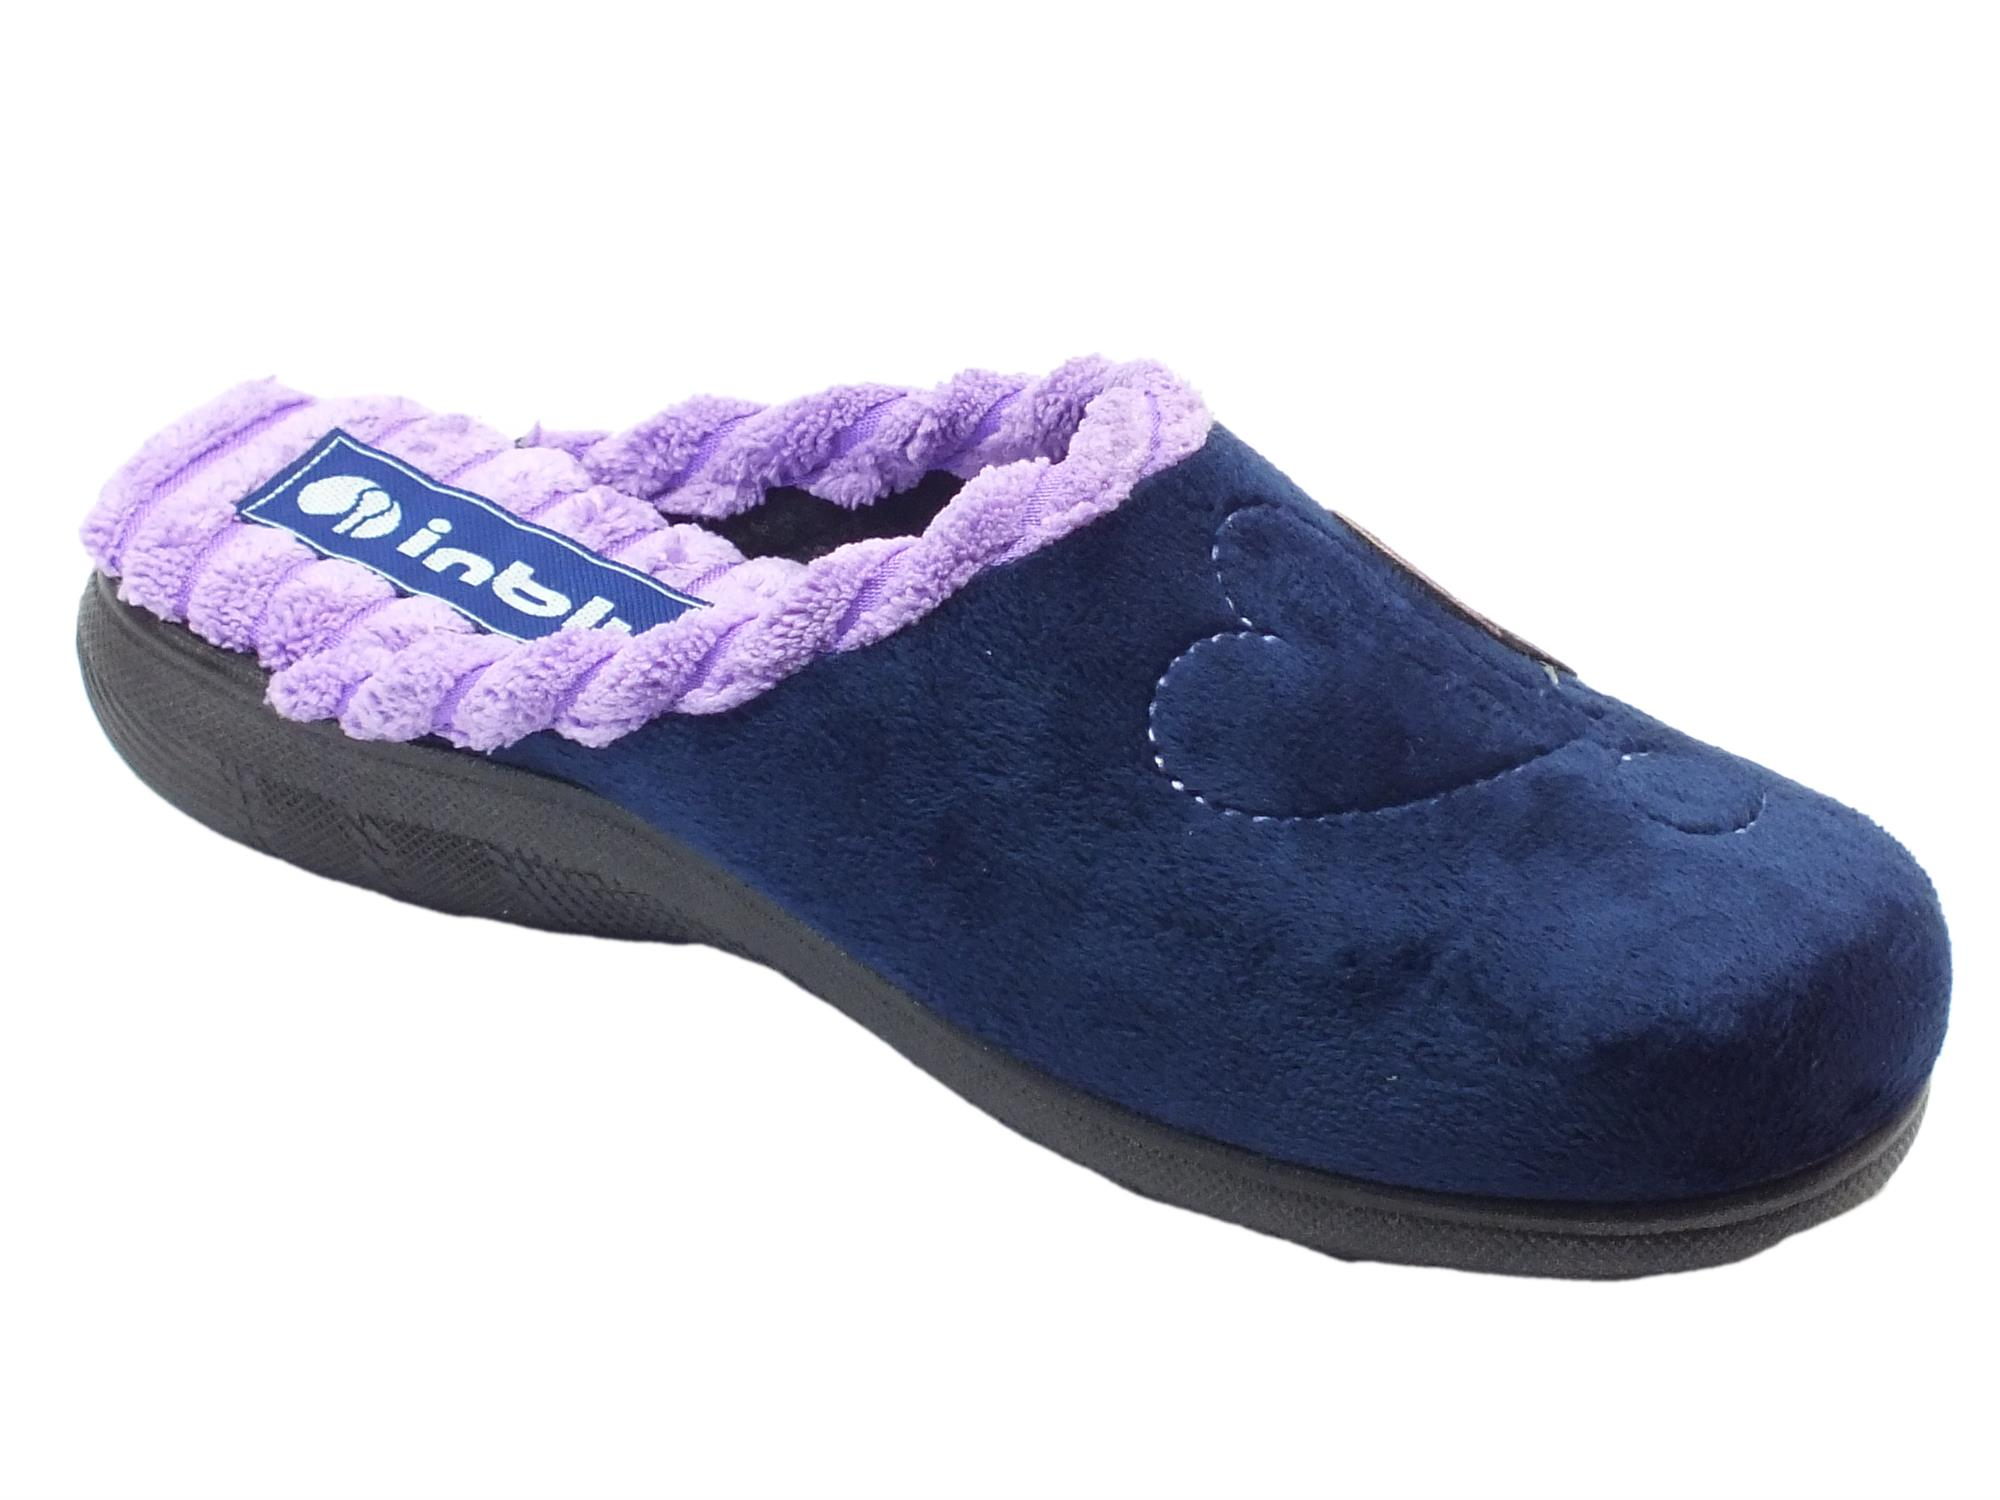 ... Pantofole per donna InBlu in tessuto blu con coccinella e cuoricini ... 1a40678d01e